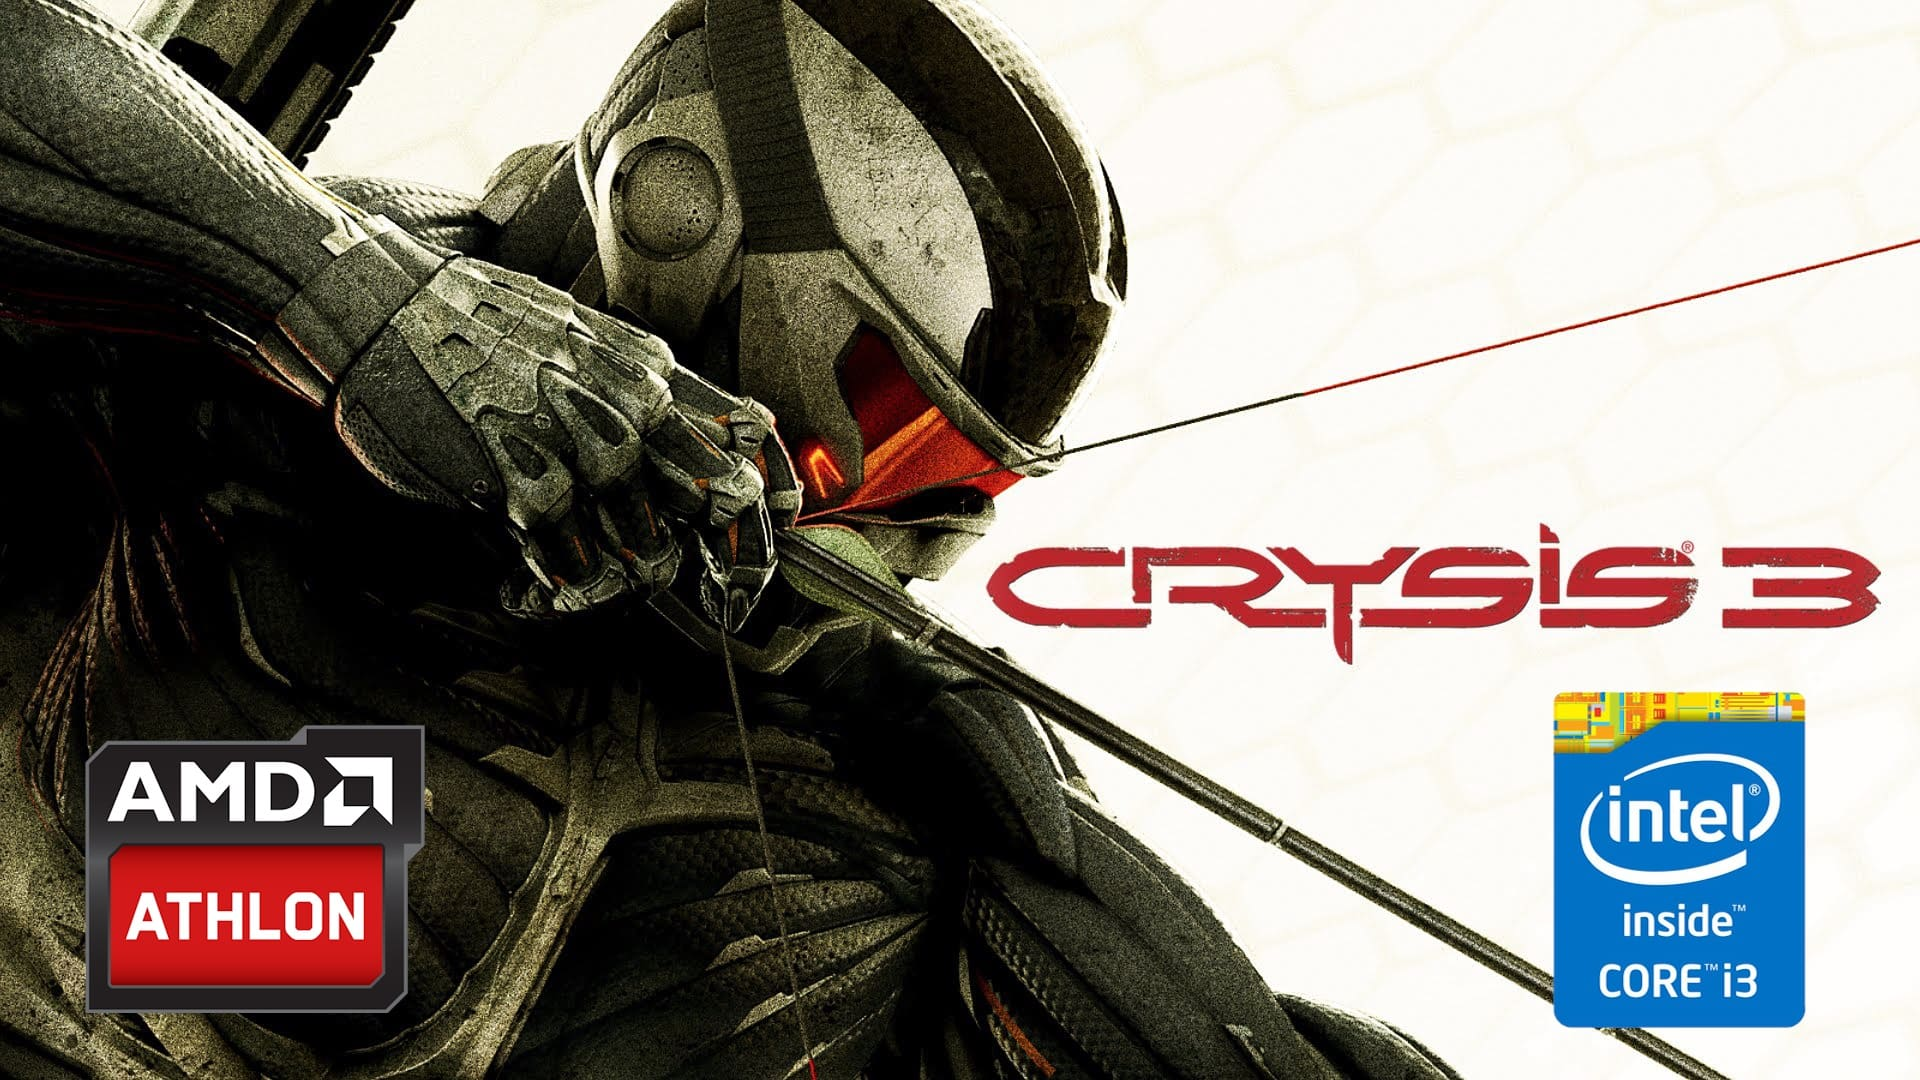 AMD vs Intel - Video confronto - Crysis 3 GTX 950